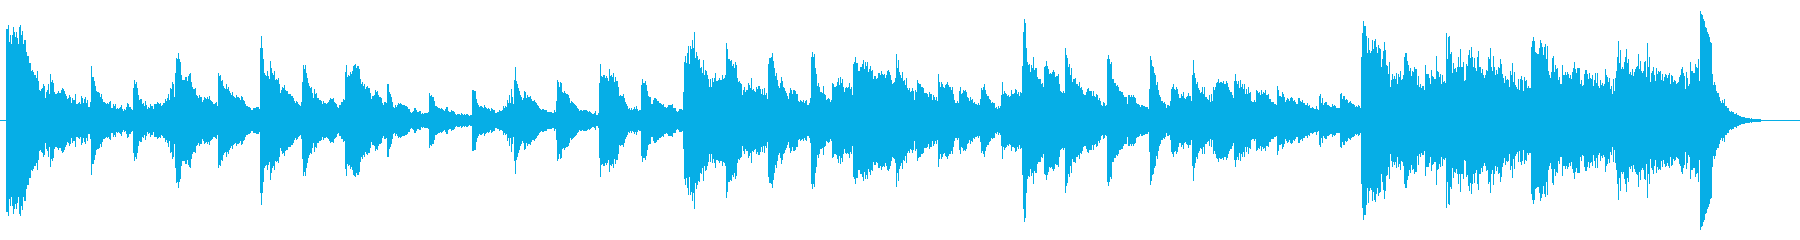 不気味なピアノソロ-60秒の再生済みの波形